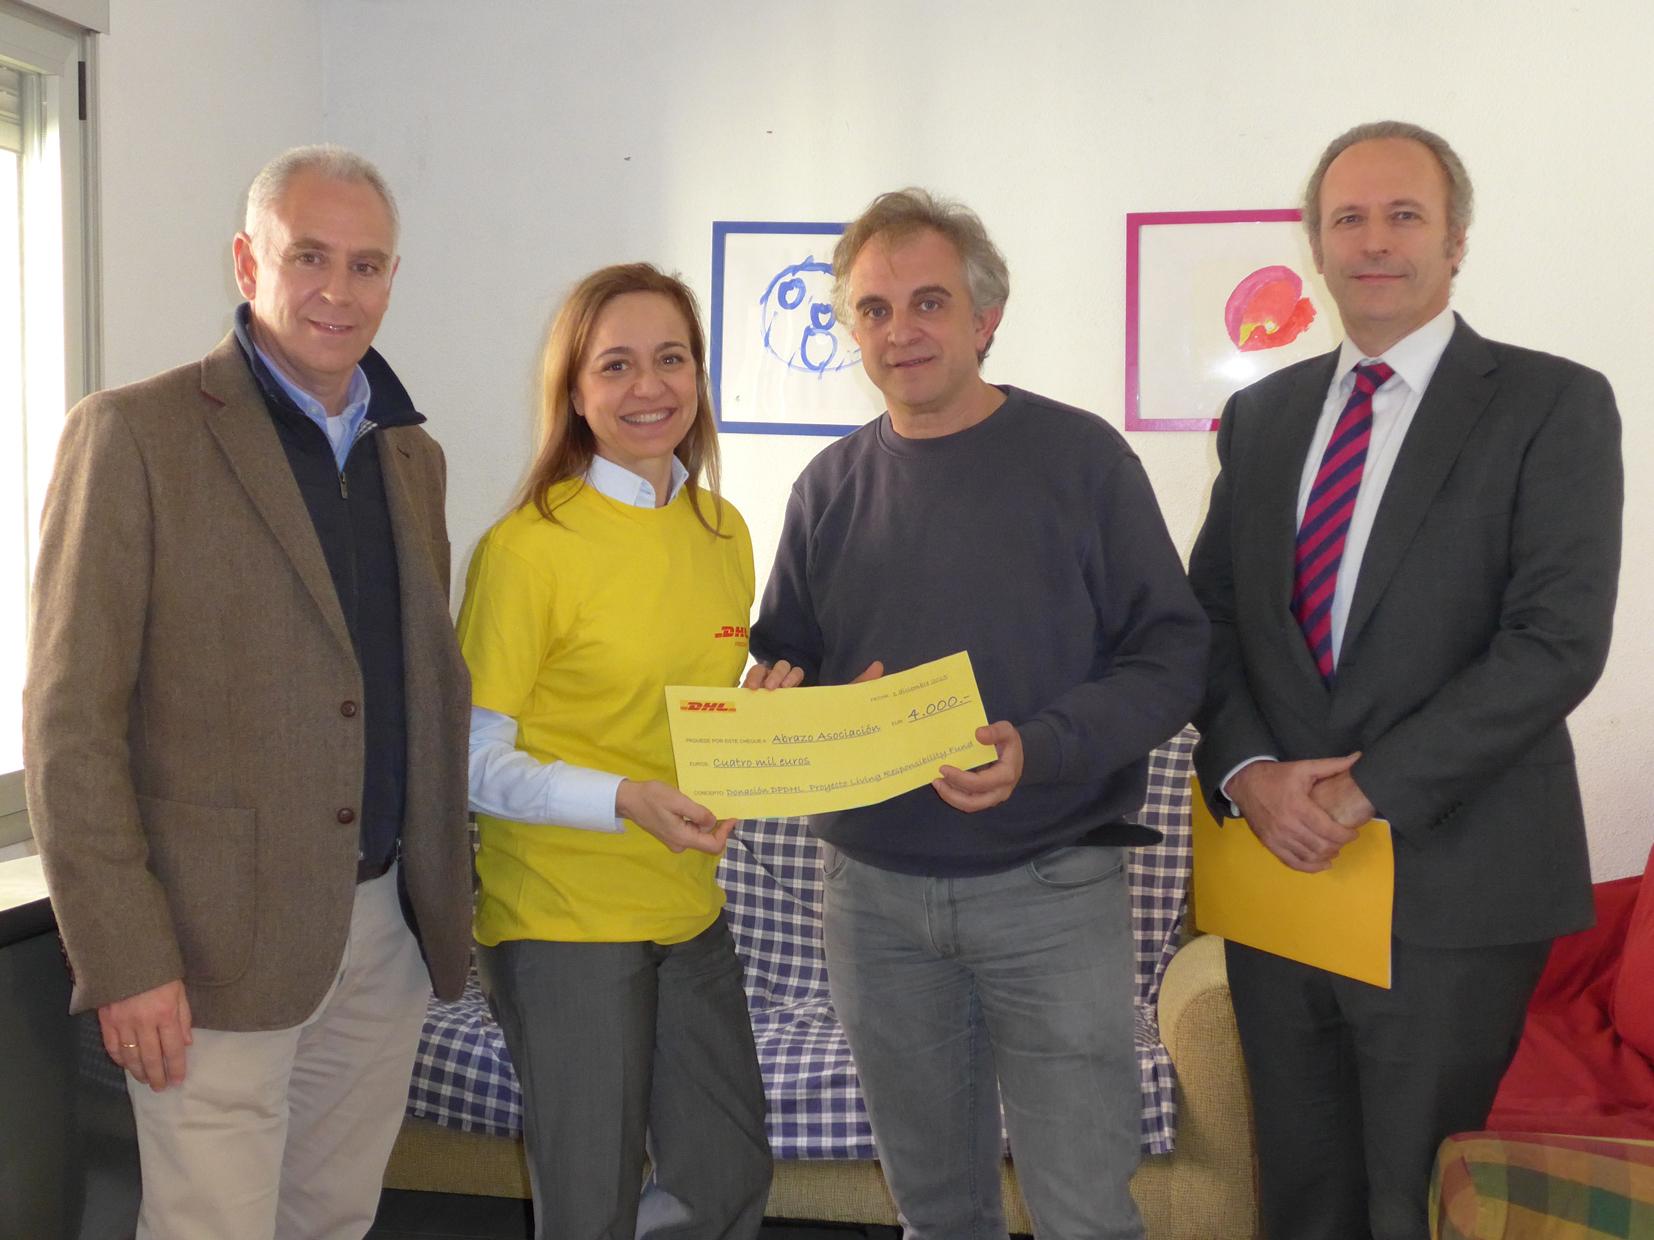 Entrega de cheque de DHL a Asociación Abrazo